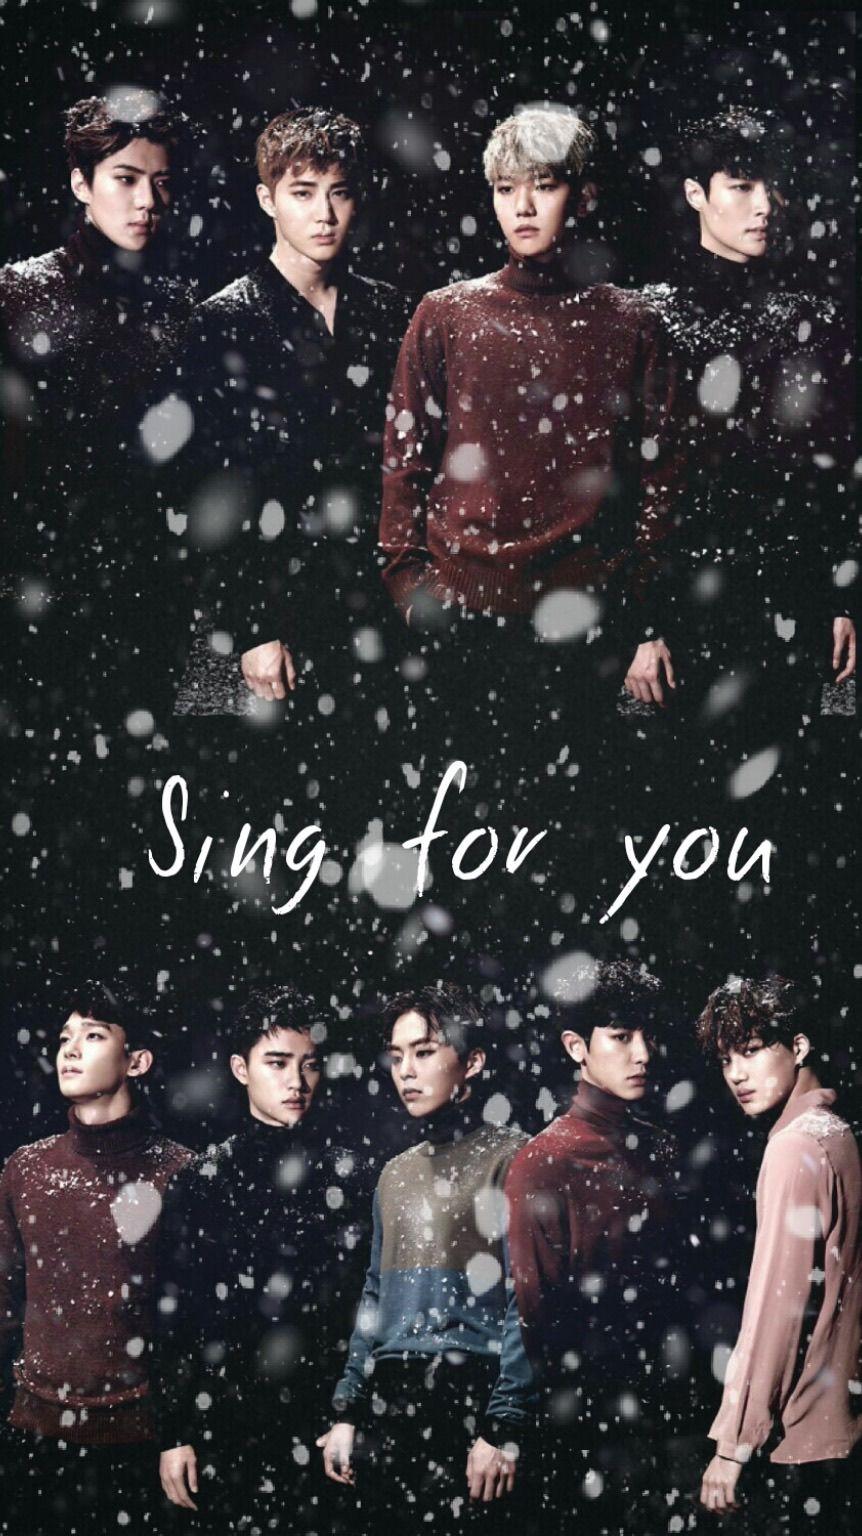 Exo Sing For You Wallpaper Exo Lyrics Pinterest Exo Exo Sing